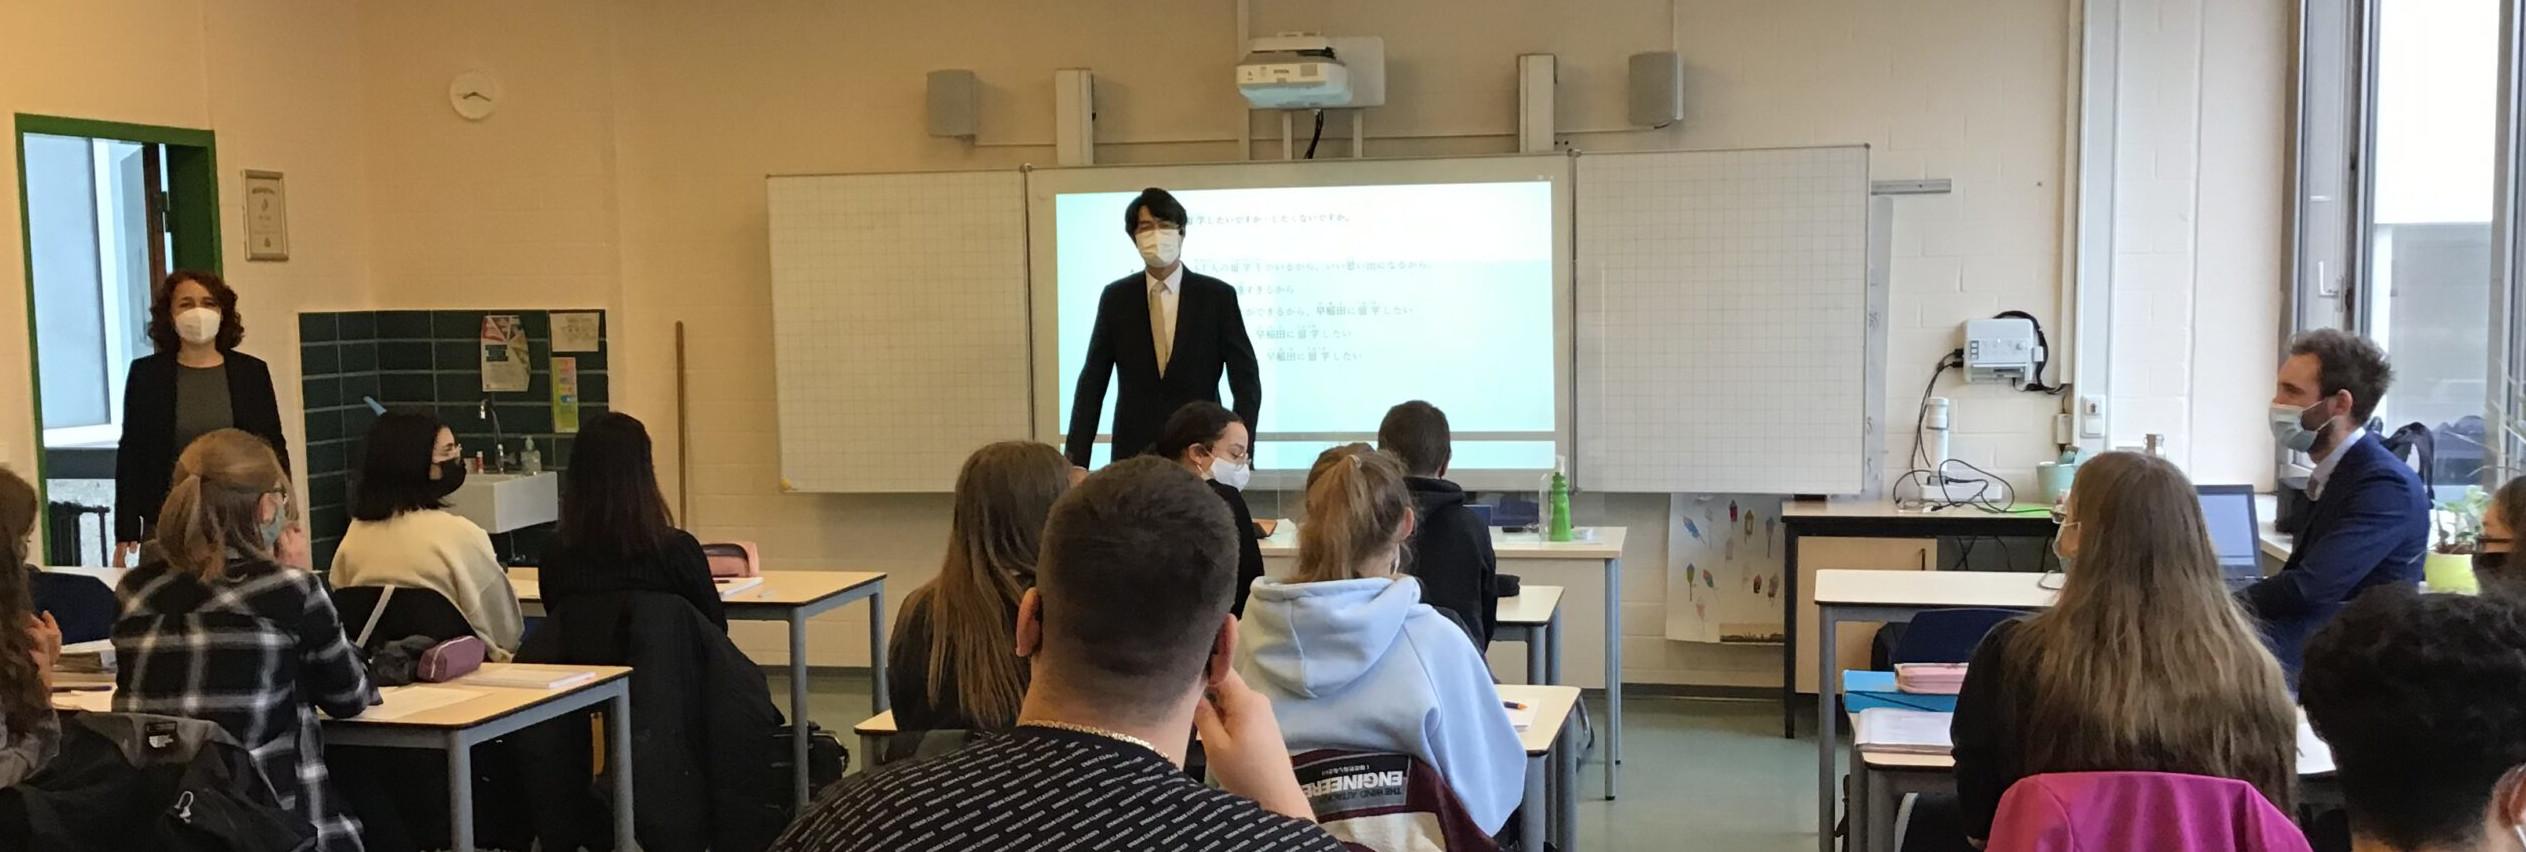 Hoher diplomatischer Besuch aus Japan, am Gymnasium Filder Benden